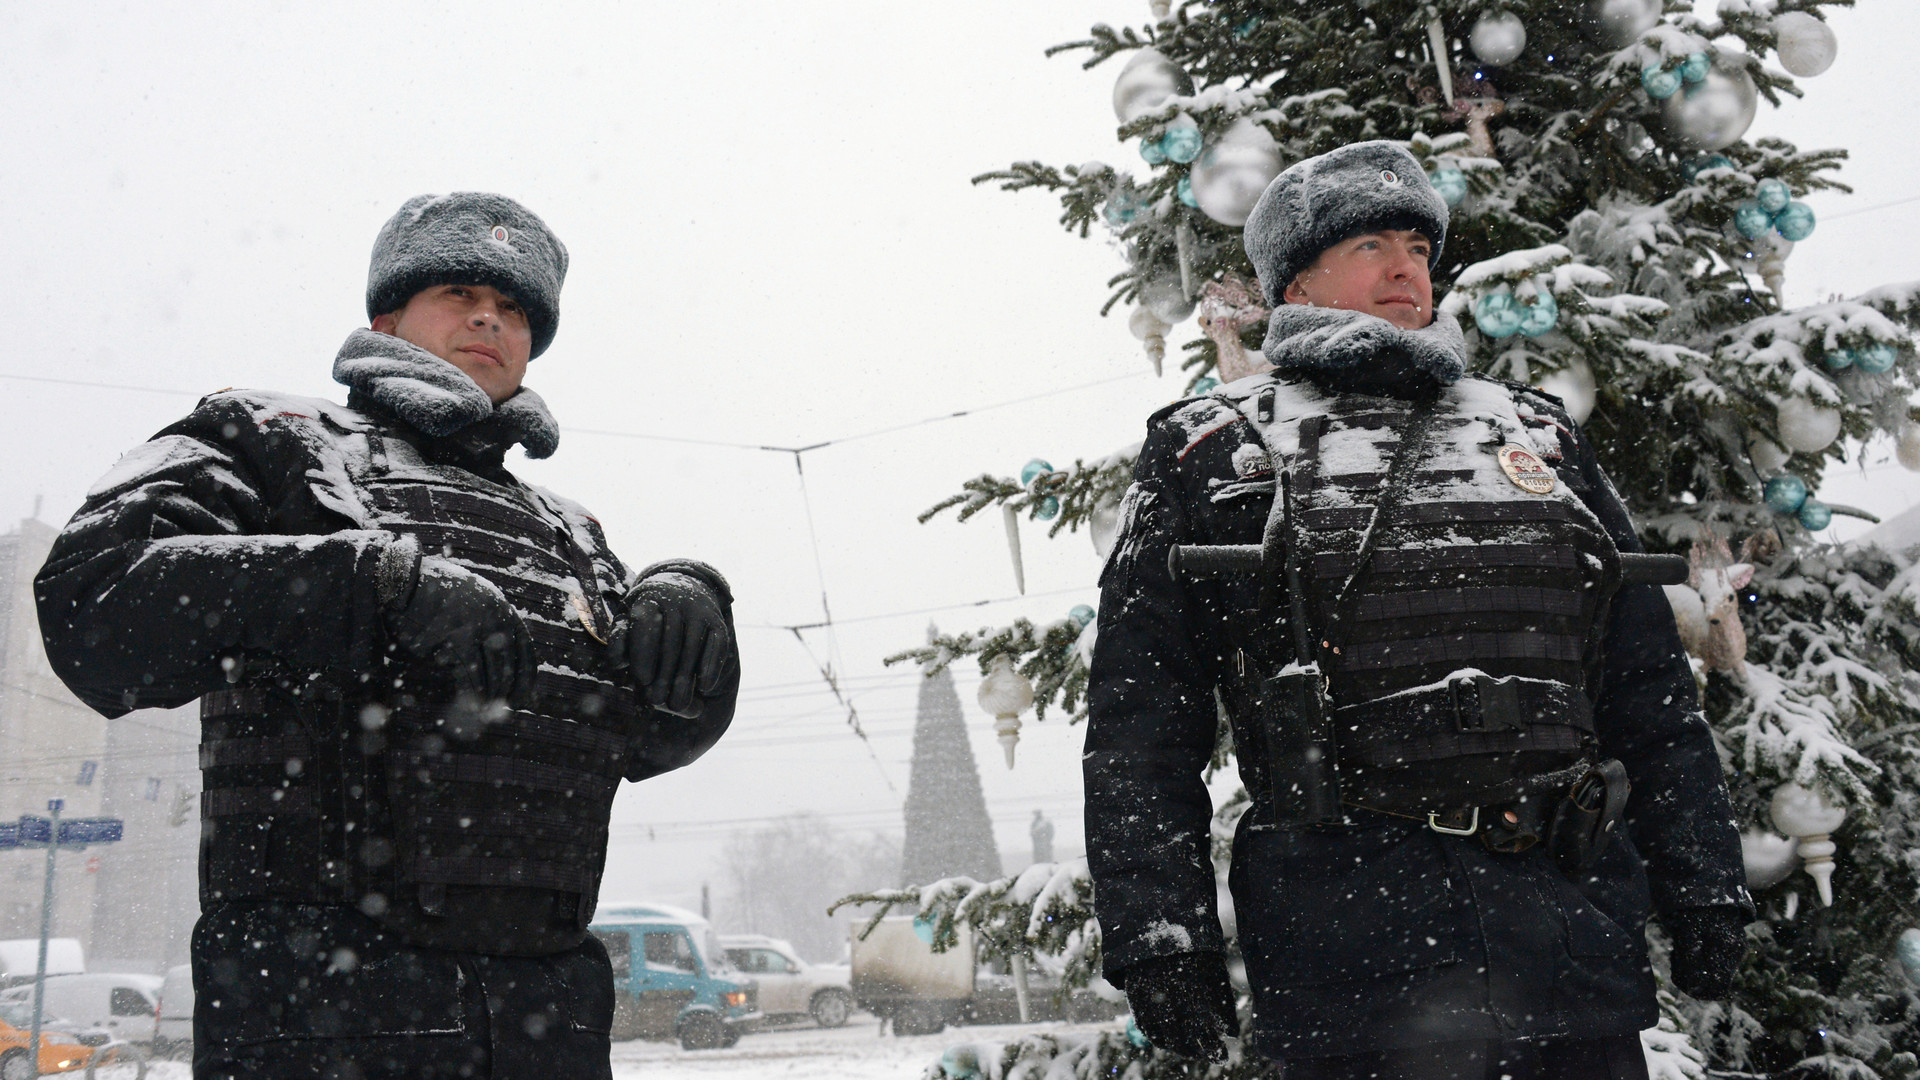 На ярмарку с охраной: в Москве усилят меры безопасности после теракта в Берлине